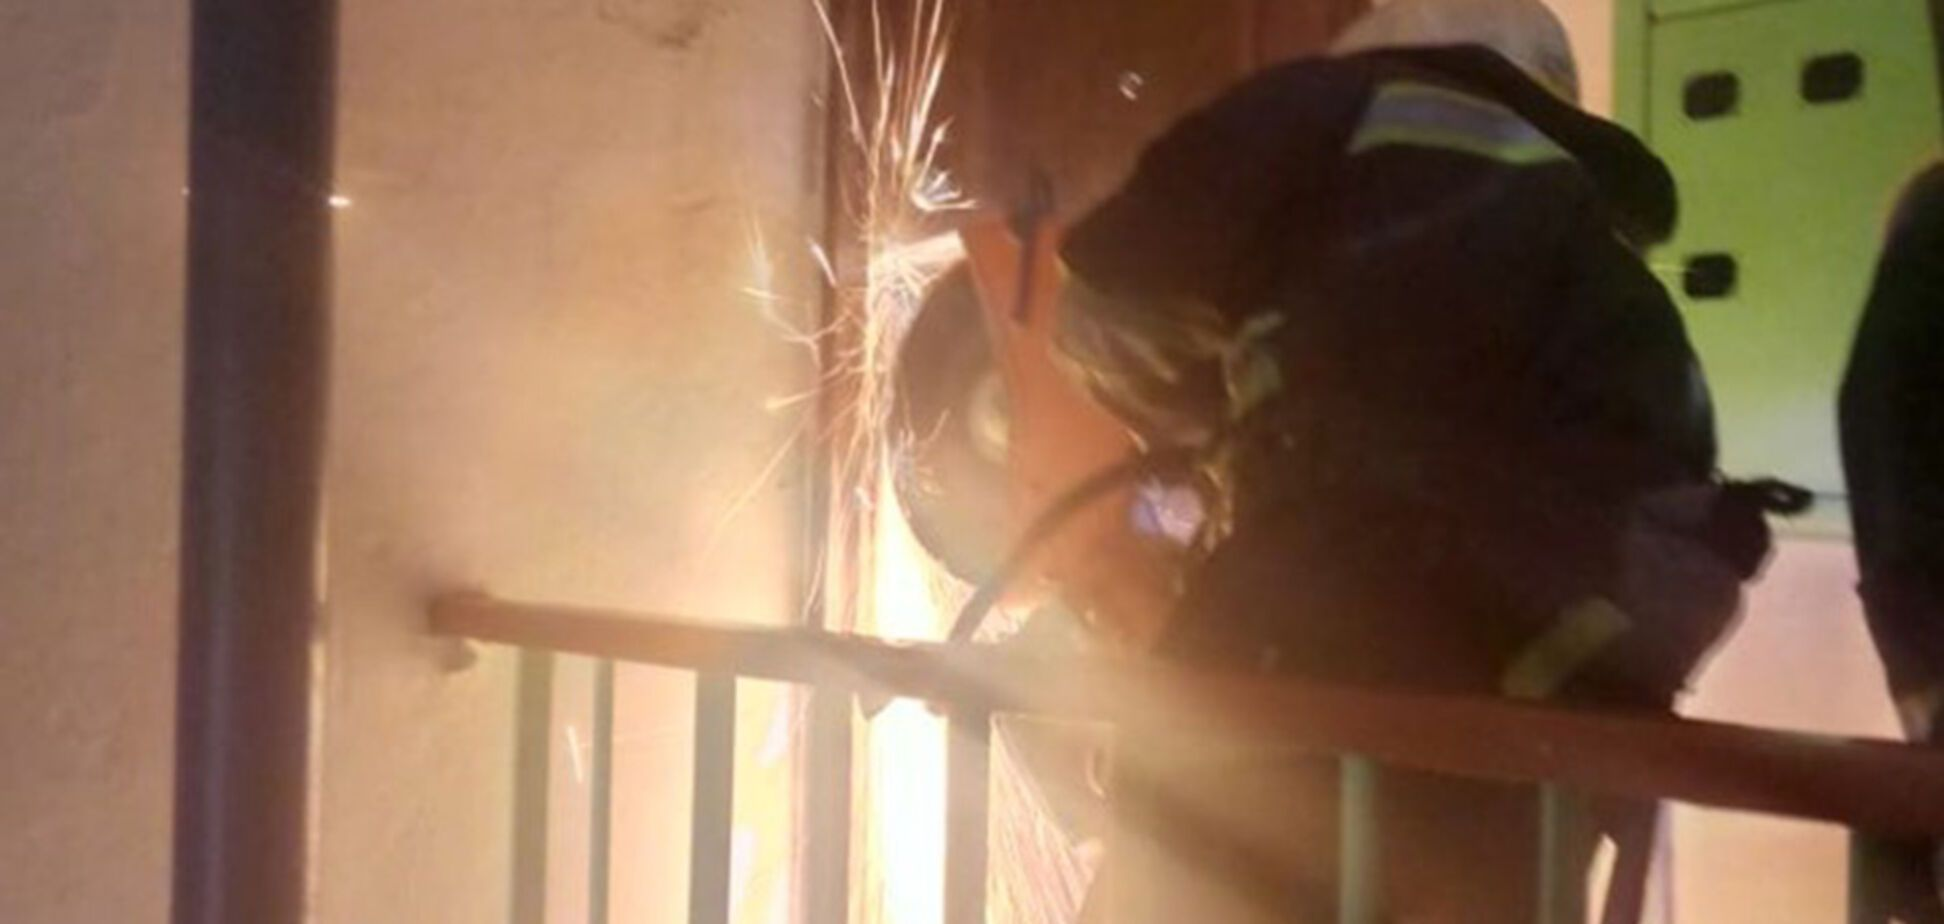 У Павлограді чоловік згорів у власній квартирі. Фото з місця НП